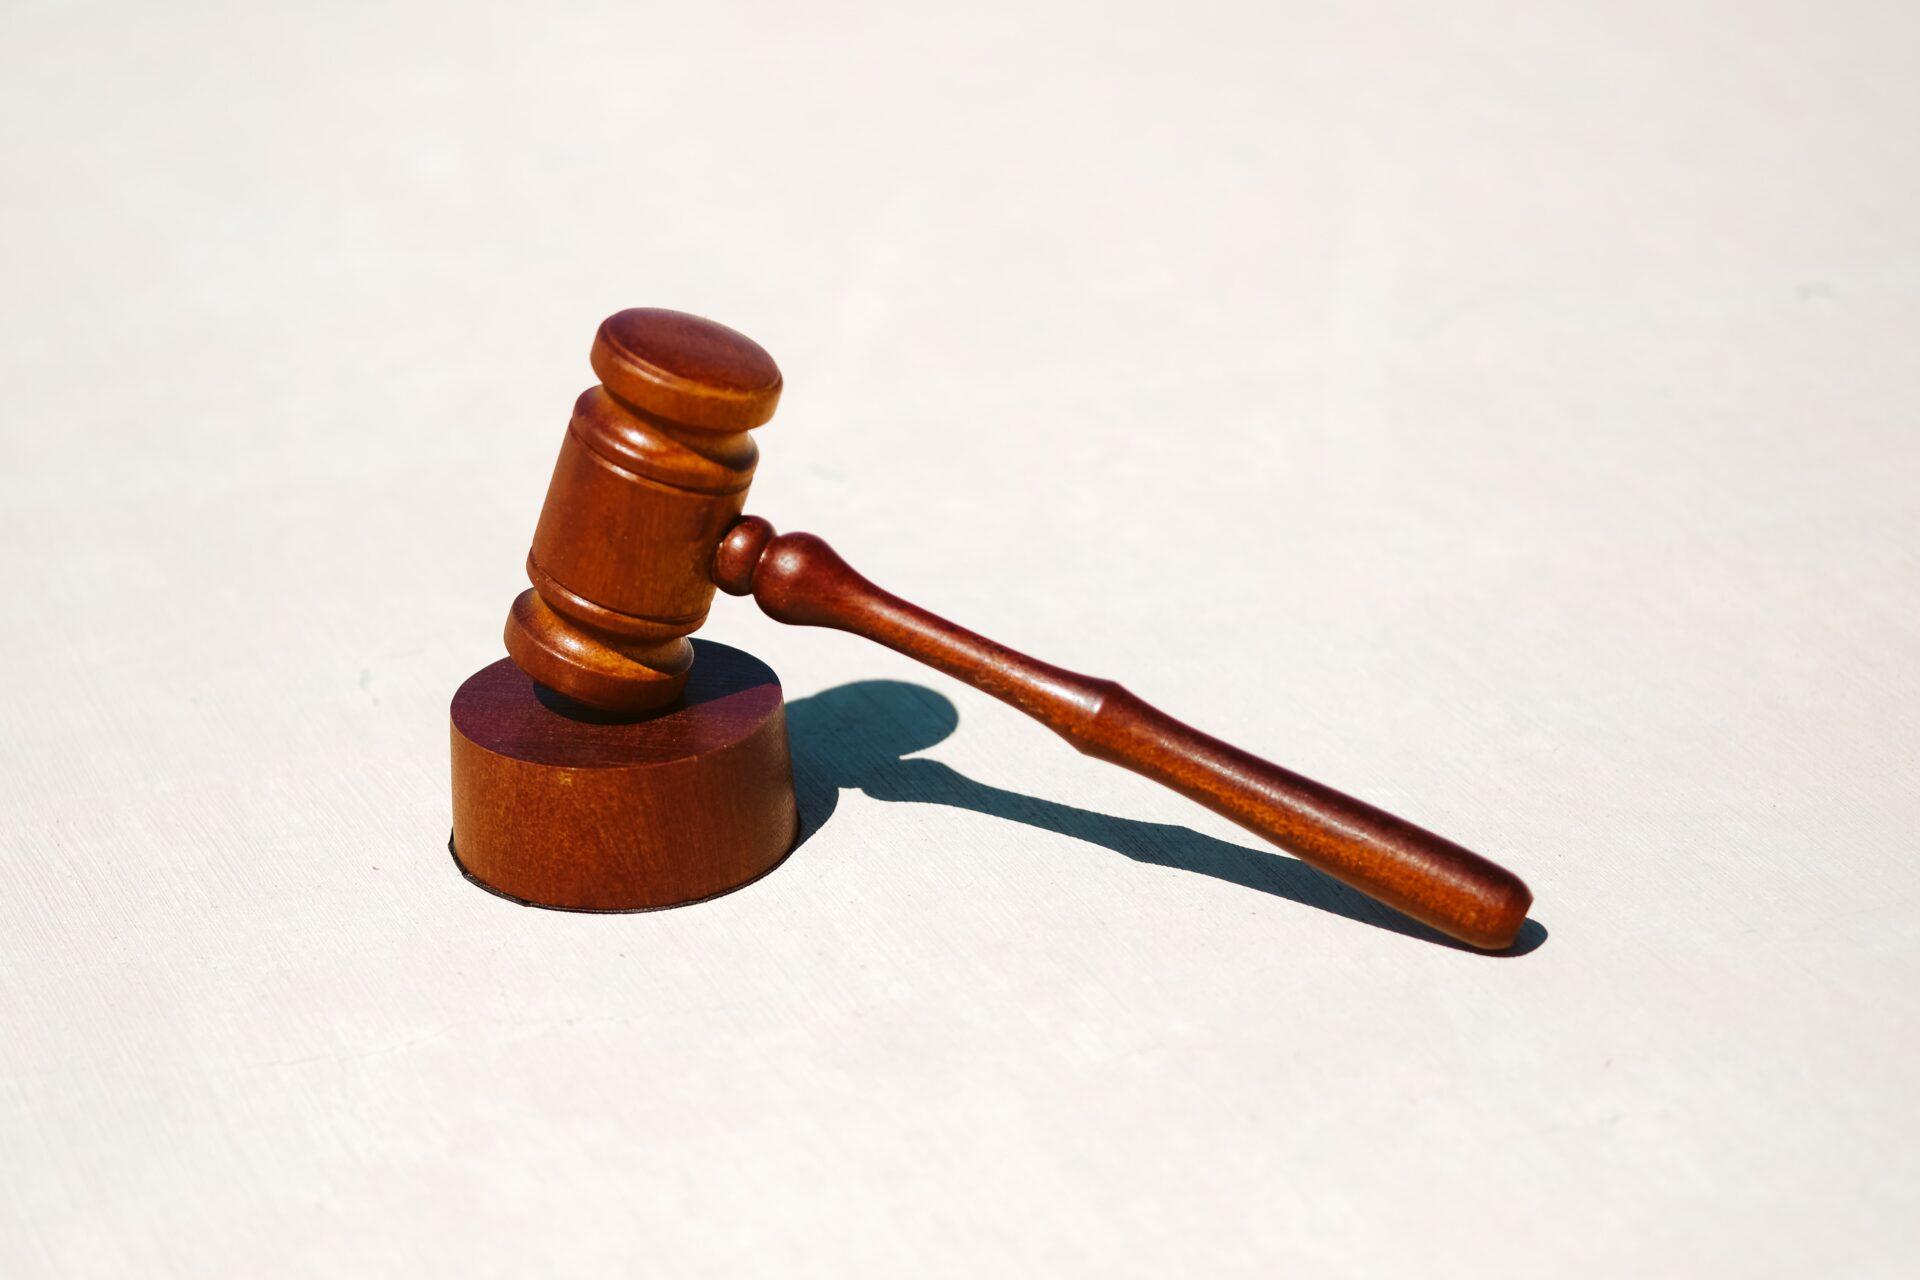 Richterschlegel Symbol der Gerechtigkeit